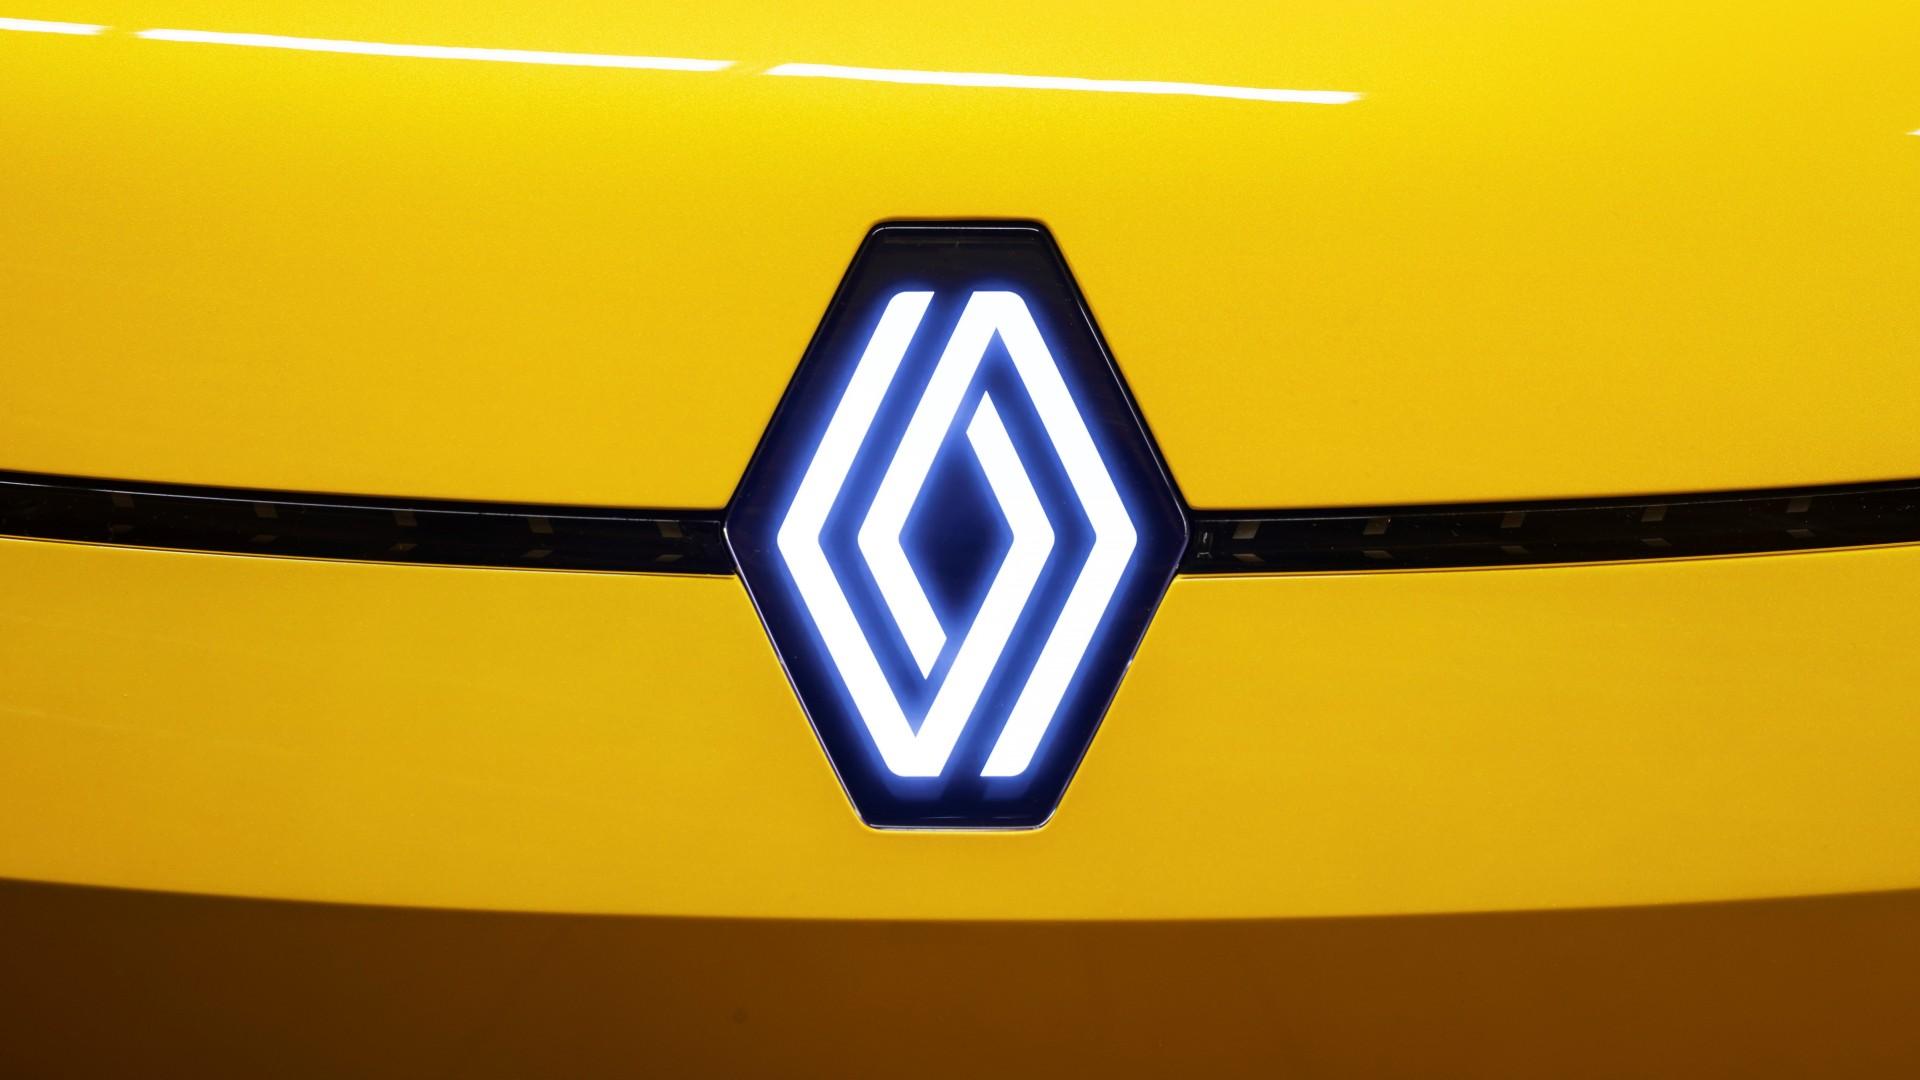 Y sin apenas notarlo, Renault nos enseña su nuevo logotipo